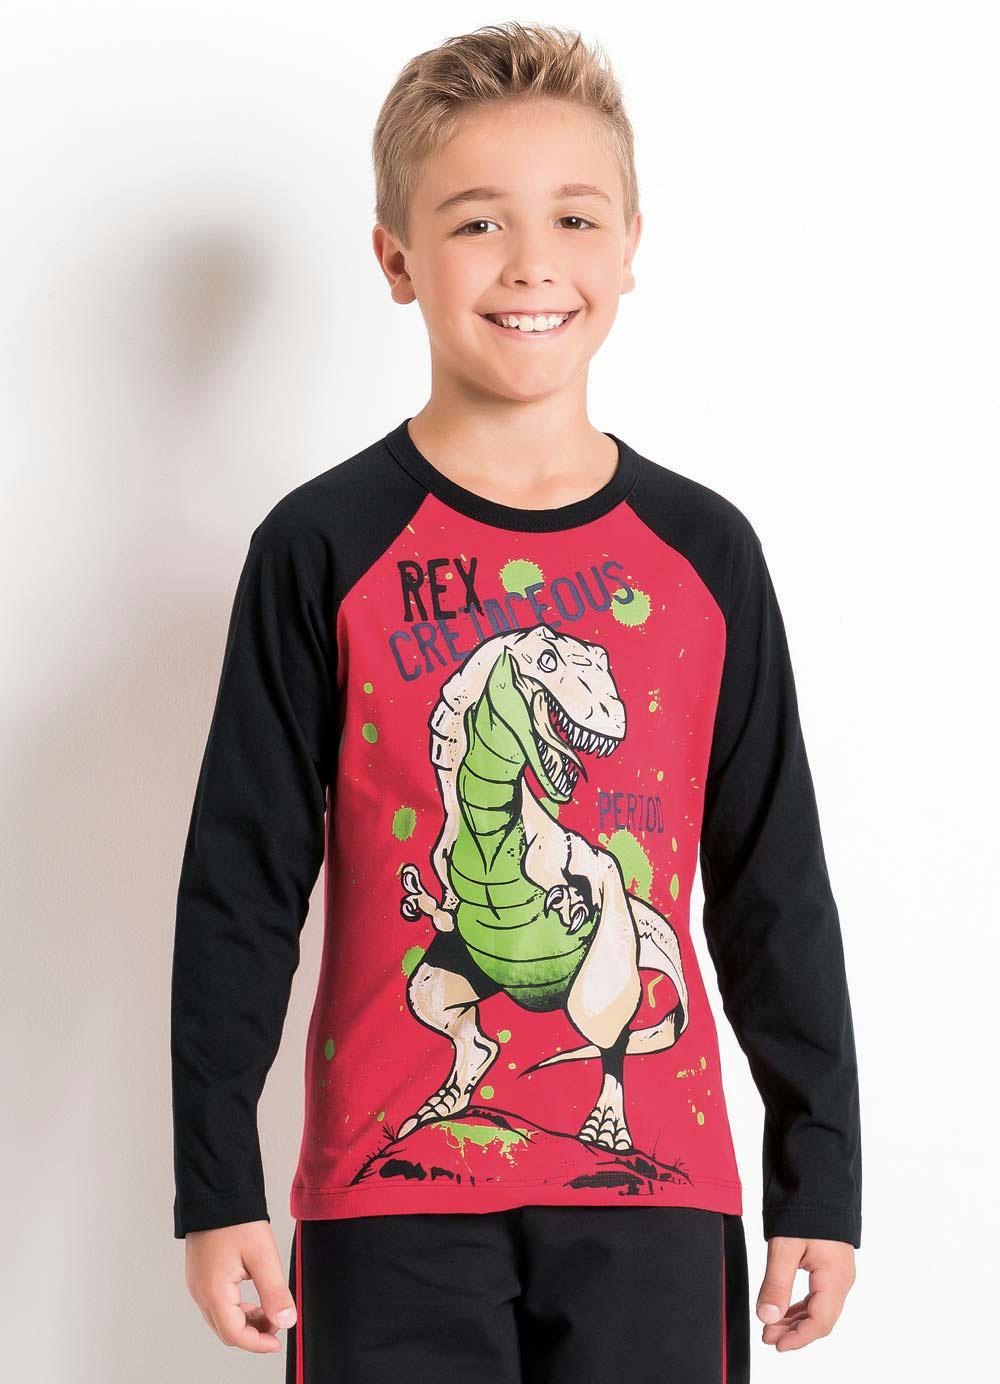 2b29dec8a315e Camiseta Infantil Preta e Vermelha Manga Raglan - Queima de Estoque